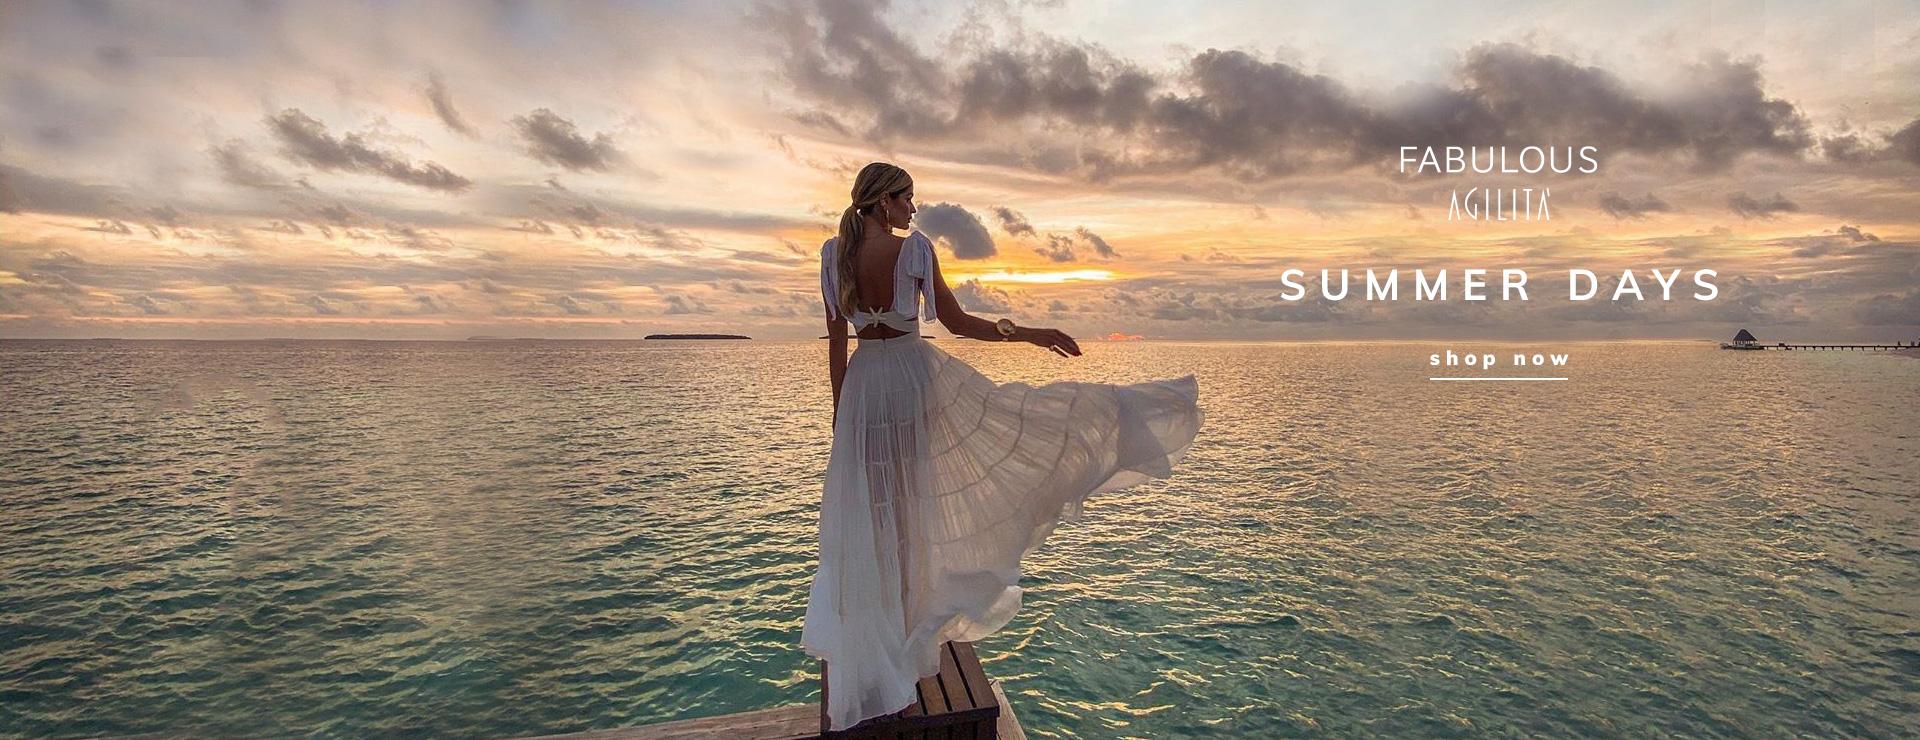 banner unico desk - summer days